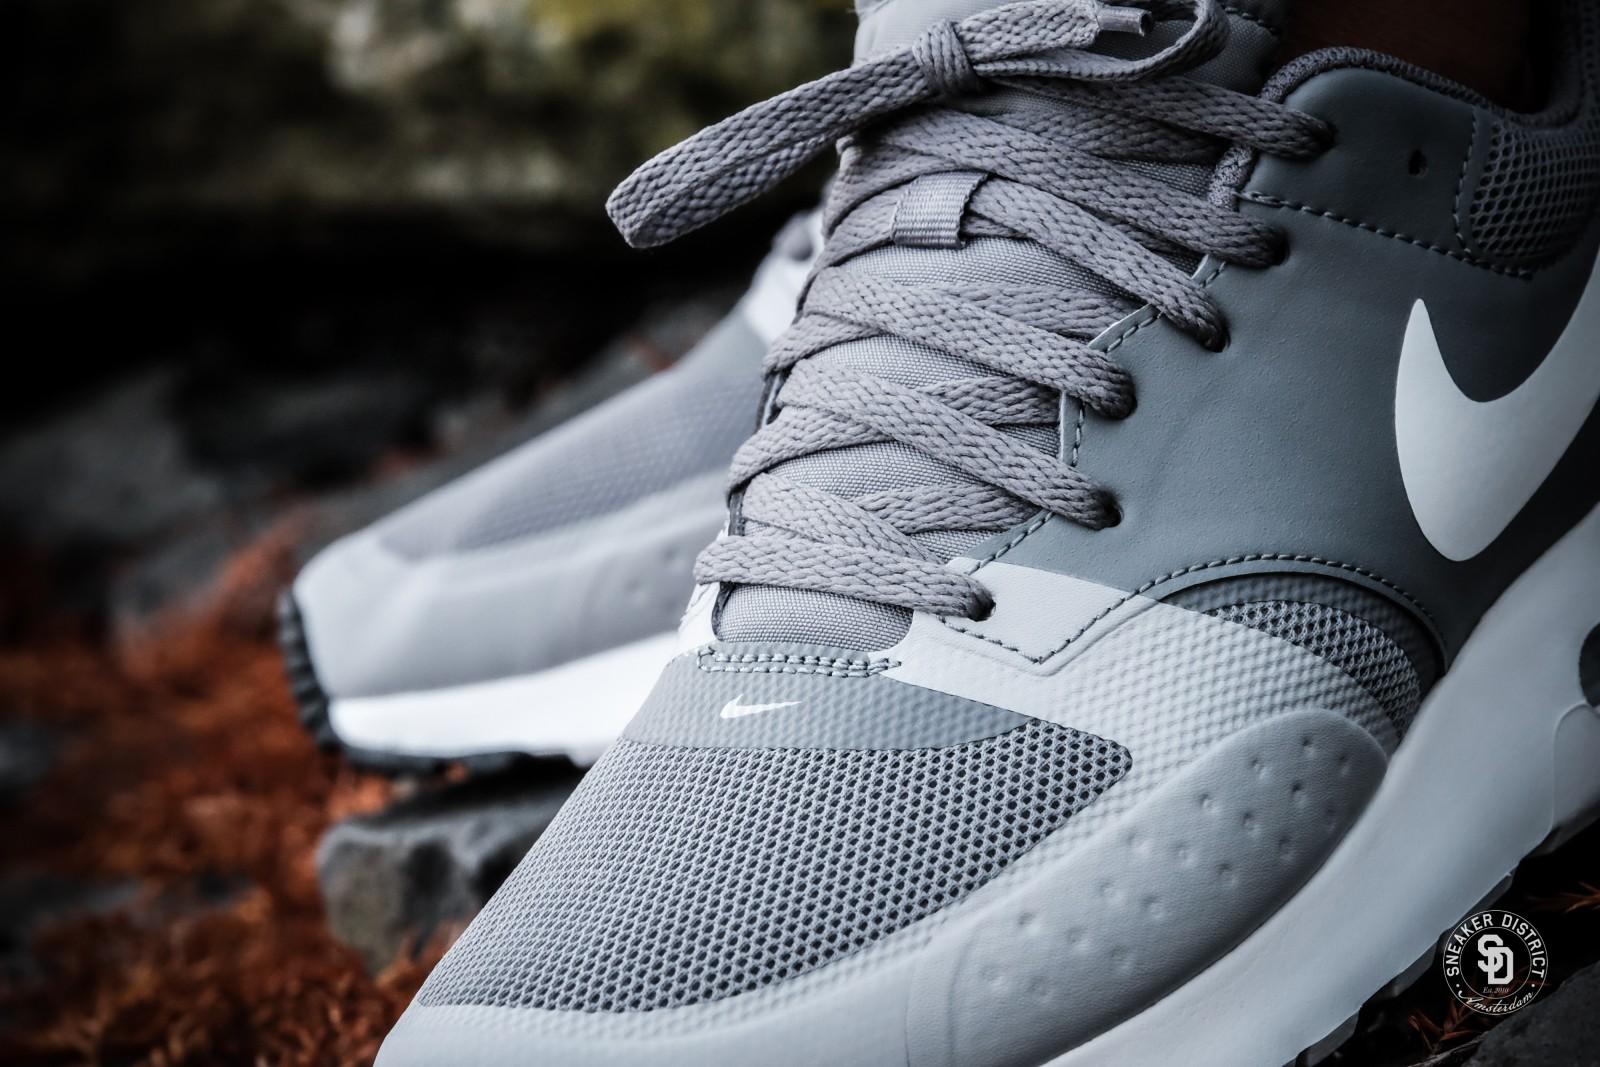 Nike Air Max Vision Cool GreyWhite sneakers bestellen bij Sneaker District | Gratis verzendkosten